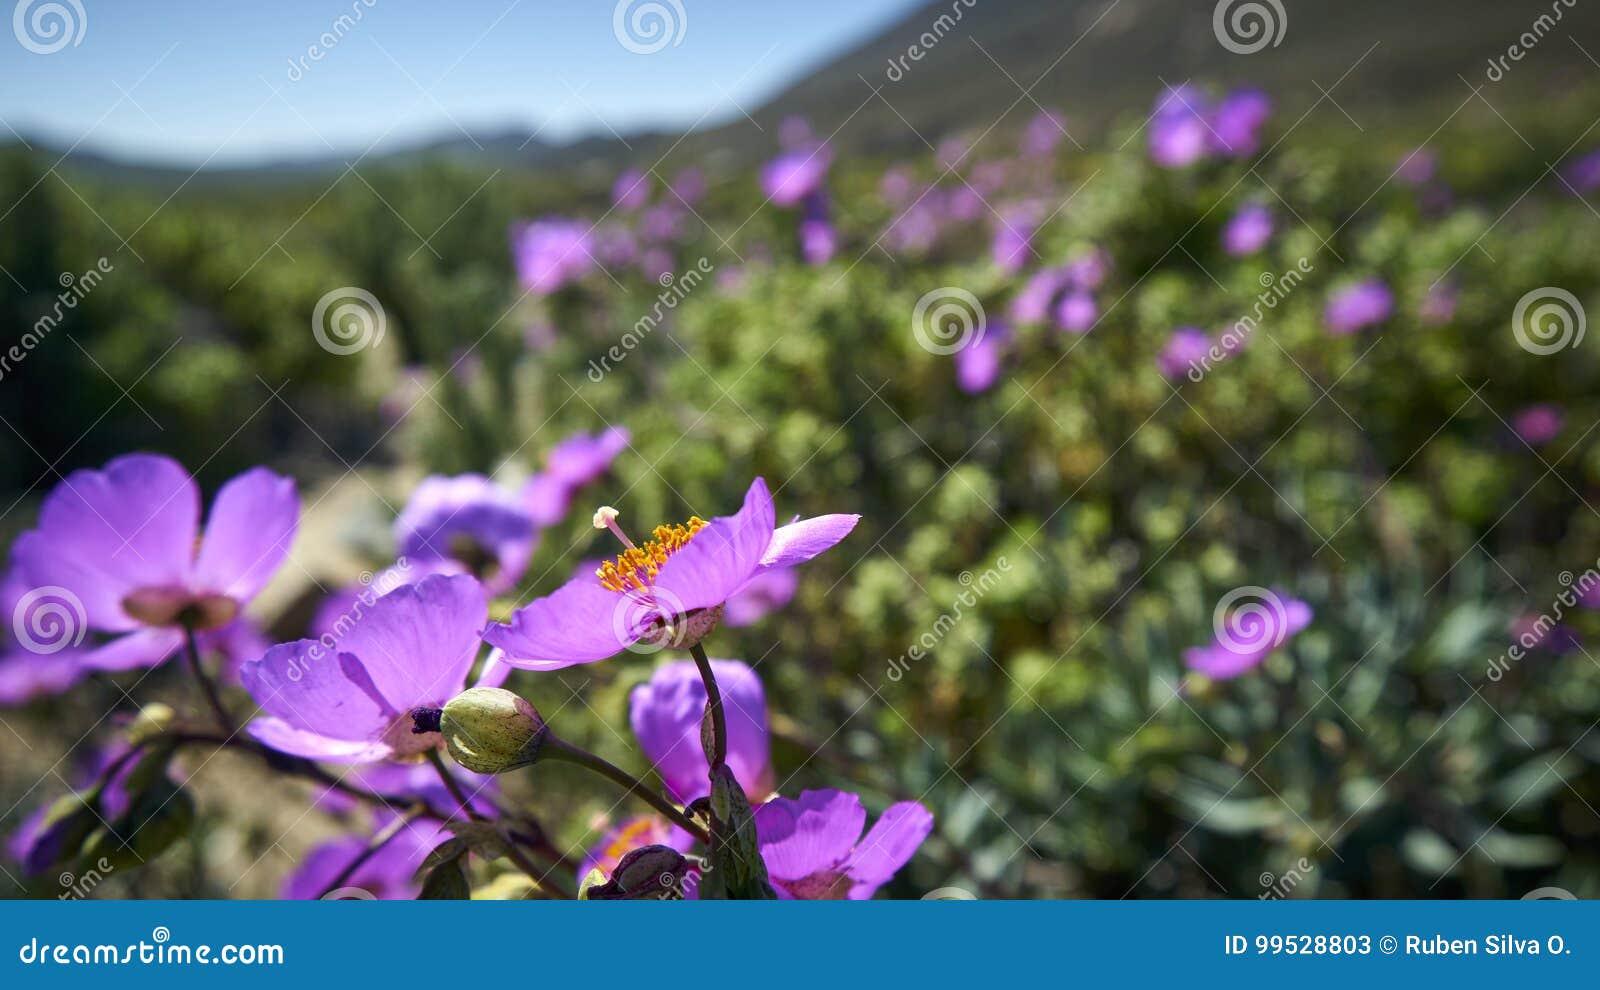 15-08-2017 Atacama Desert, Chile. Flowering Desert 2017